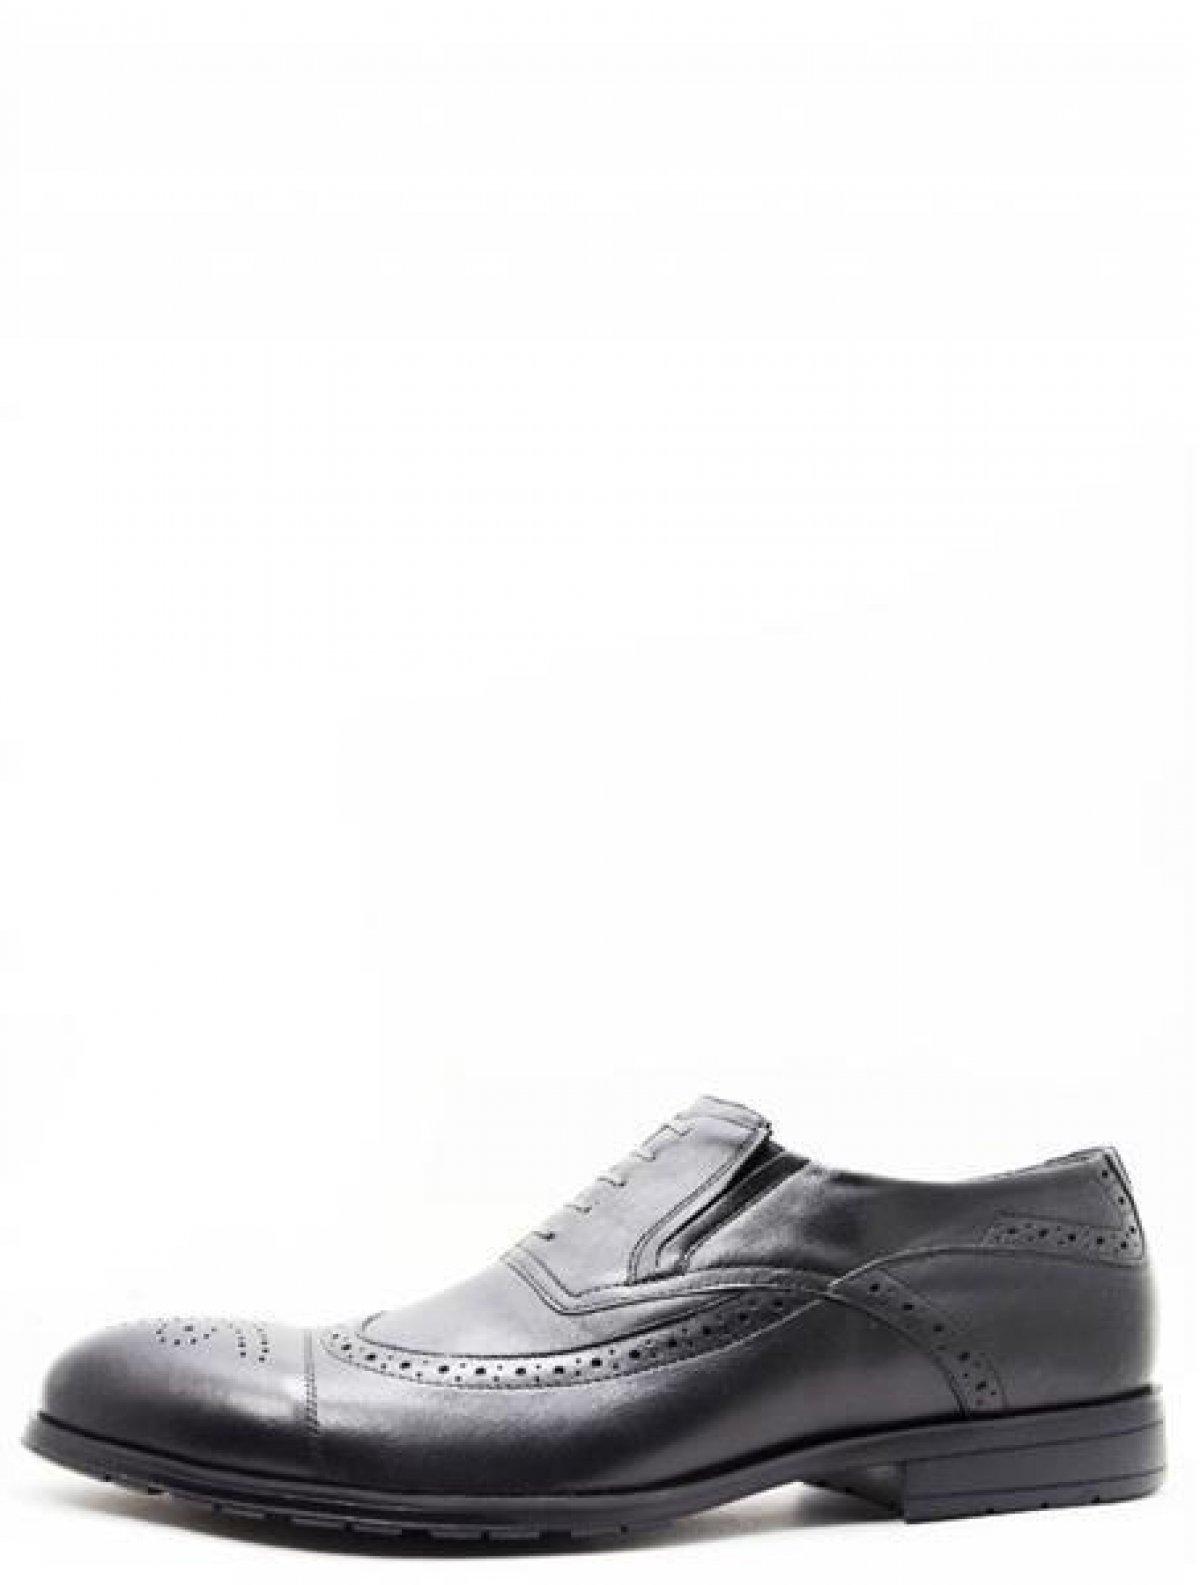 EDERRO 34791108 мужские туфли